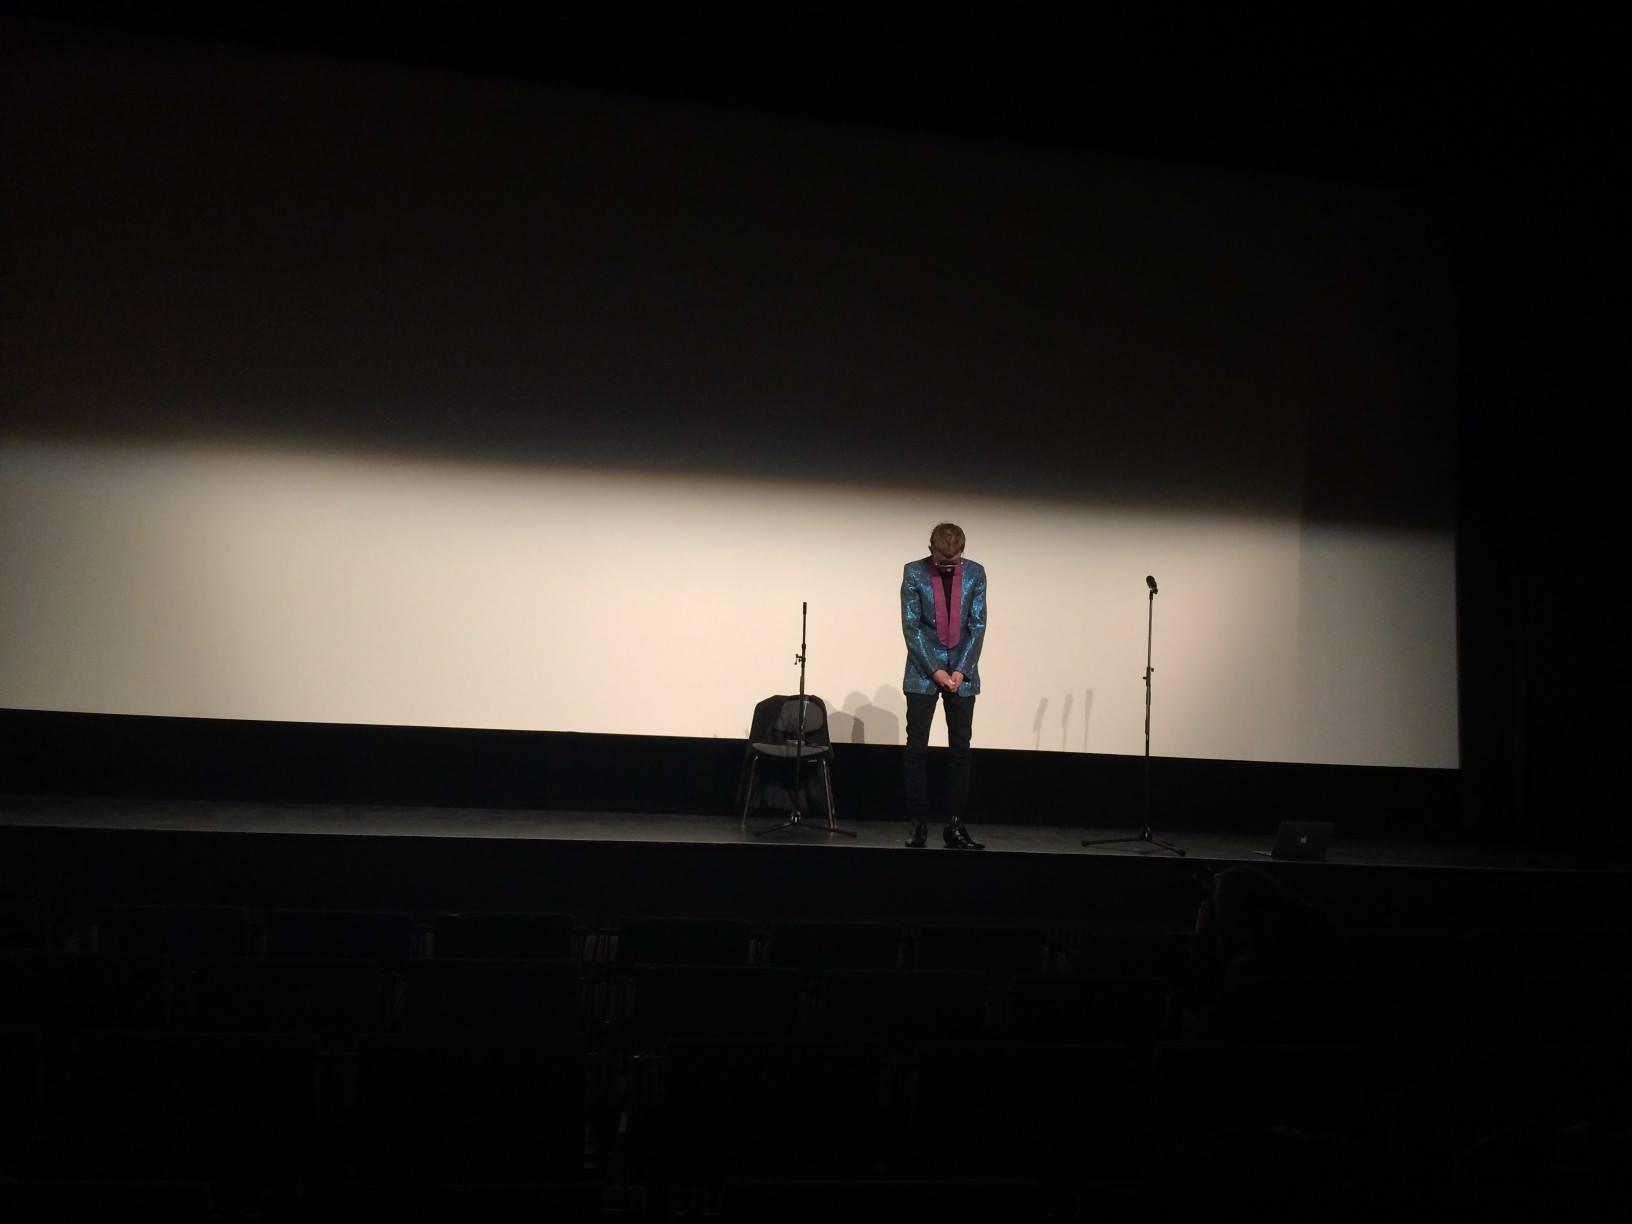 Projekcja Performera została poprzedzona performansem Oskara Dawickiego